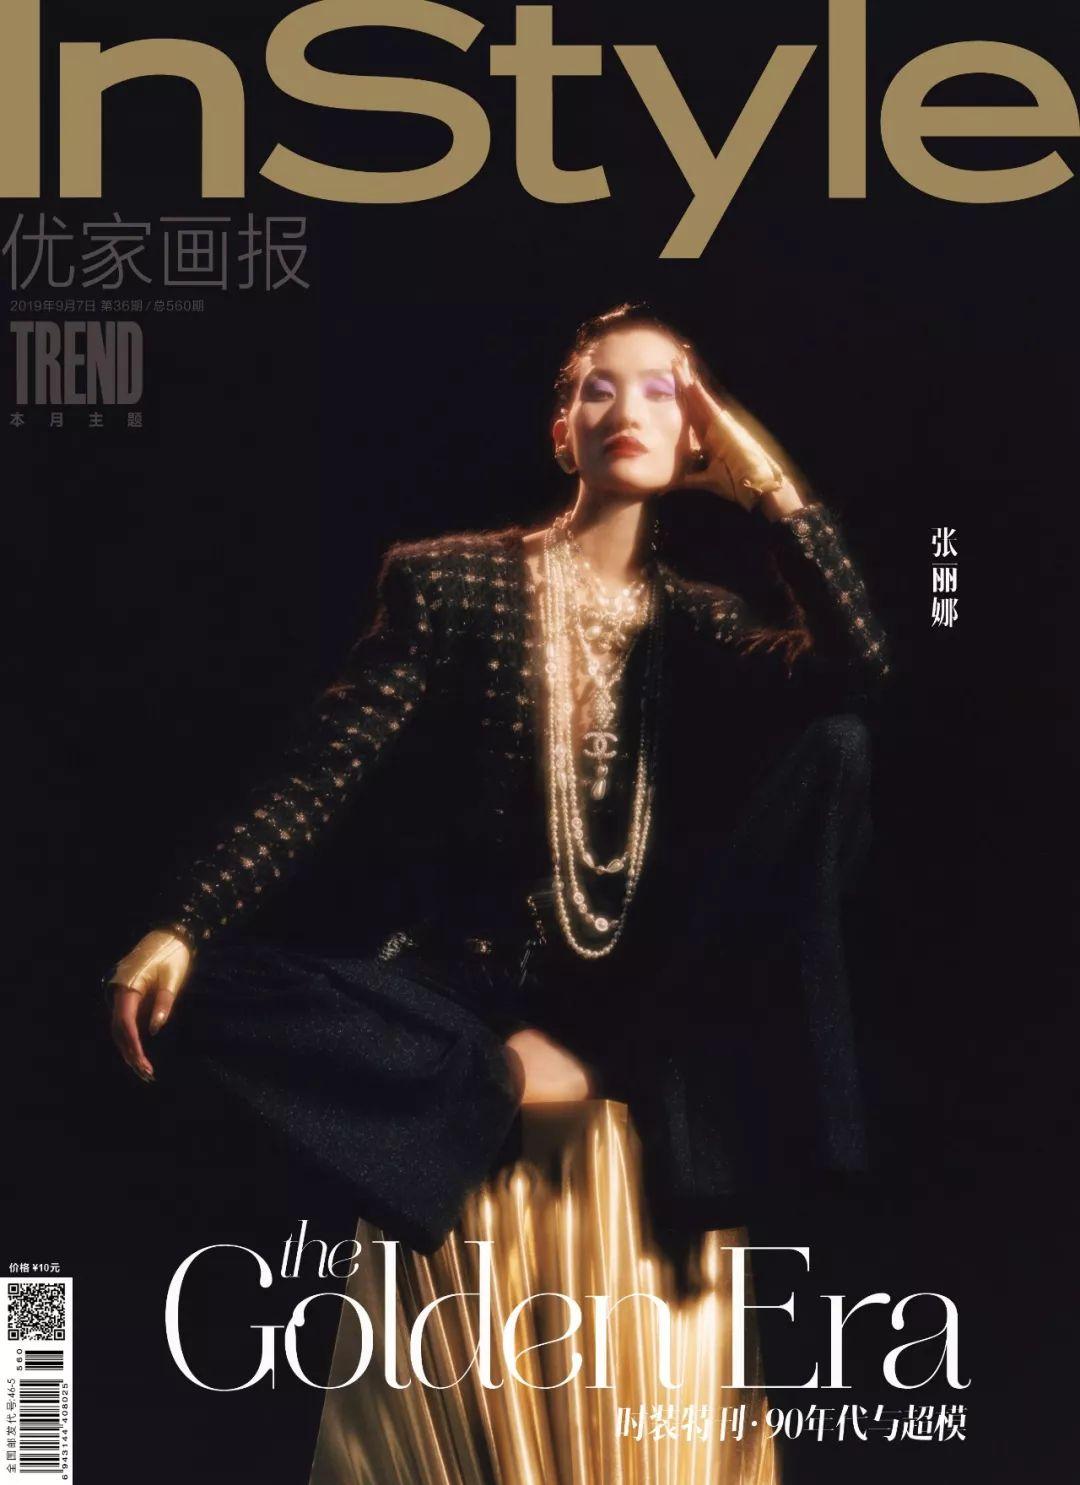 国际时尚|张丽娜再登九月刊封面,何穗解锁GQ十周年特刊